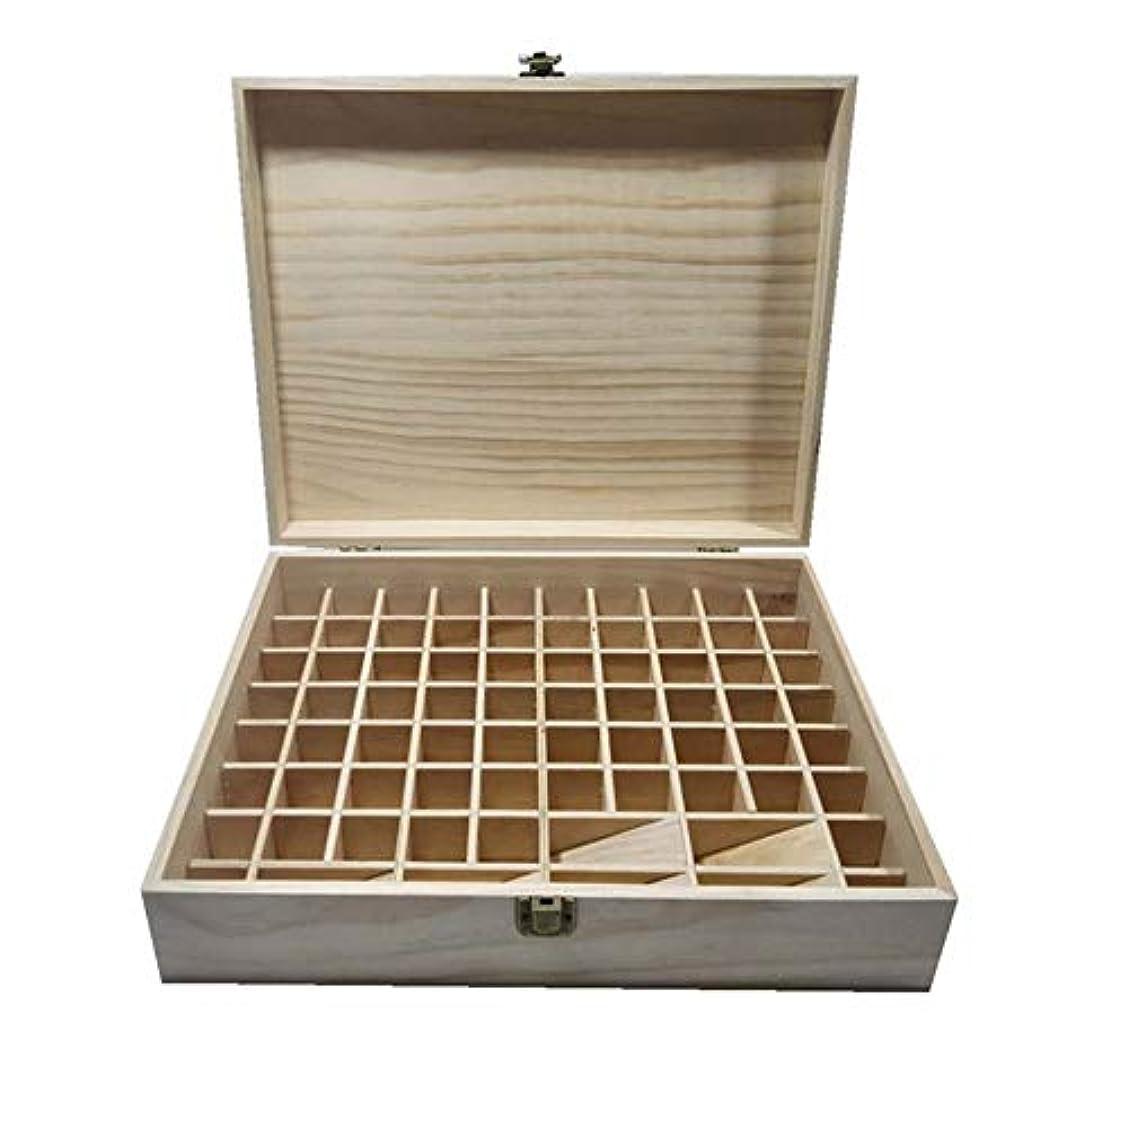 教えて暖炉表面精油ケース 74スロットエッセンシャルオイルボックス木製収納ケースは、ボトル用エッセンシャルオイルスペースセーバーを開催します 携帯便利 (色 : Natural, サイズ : 34X27.5X9CM)